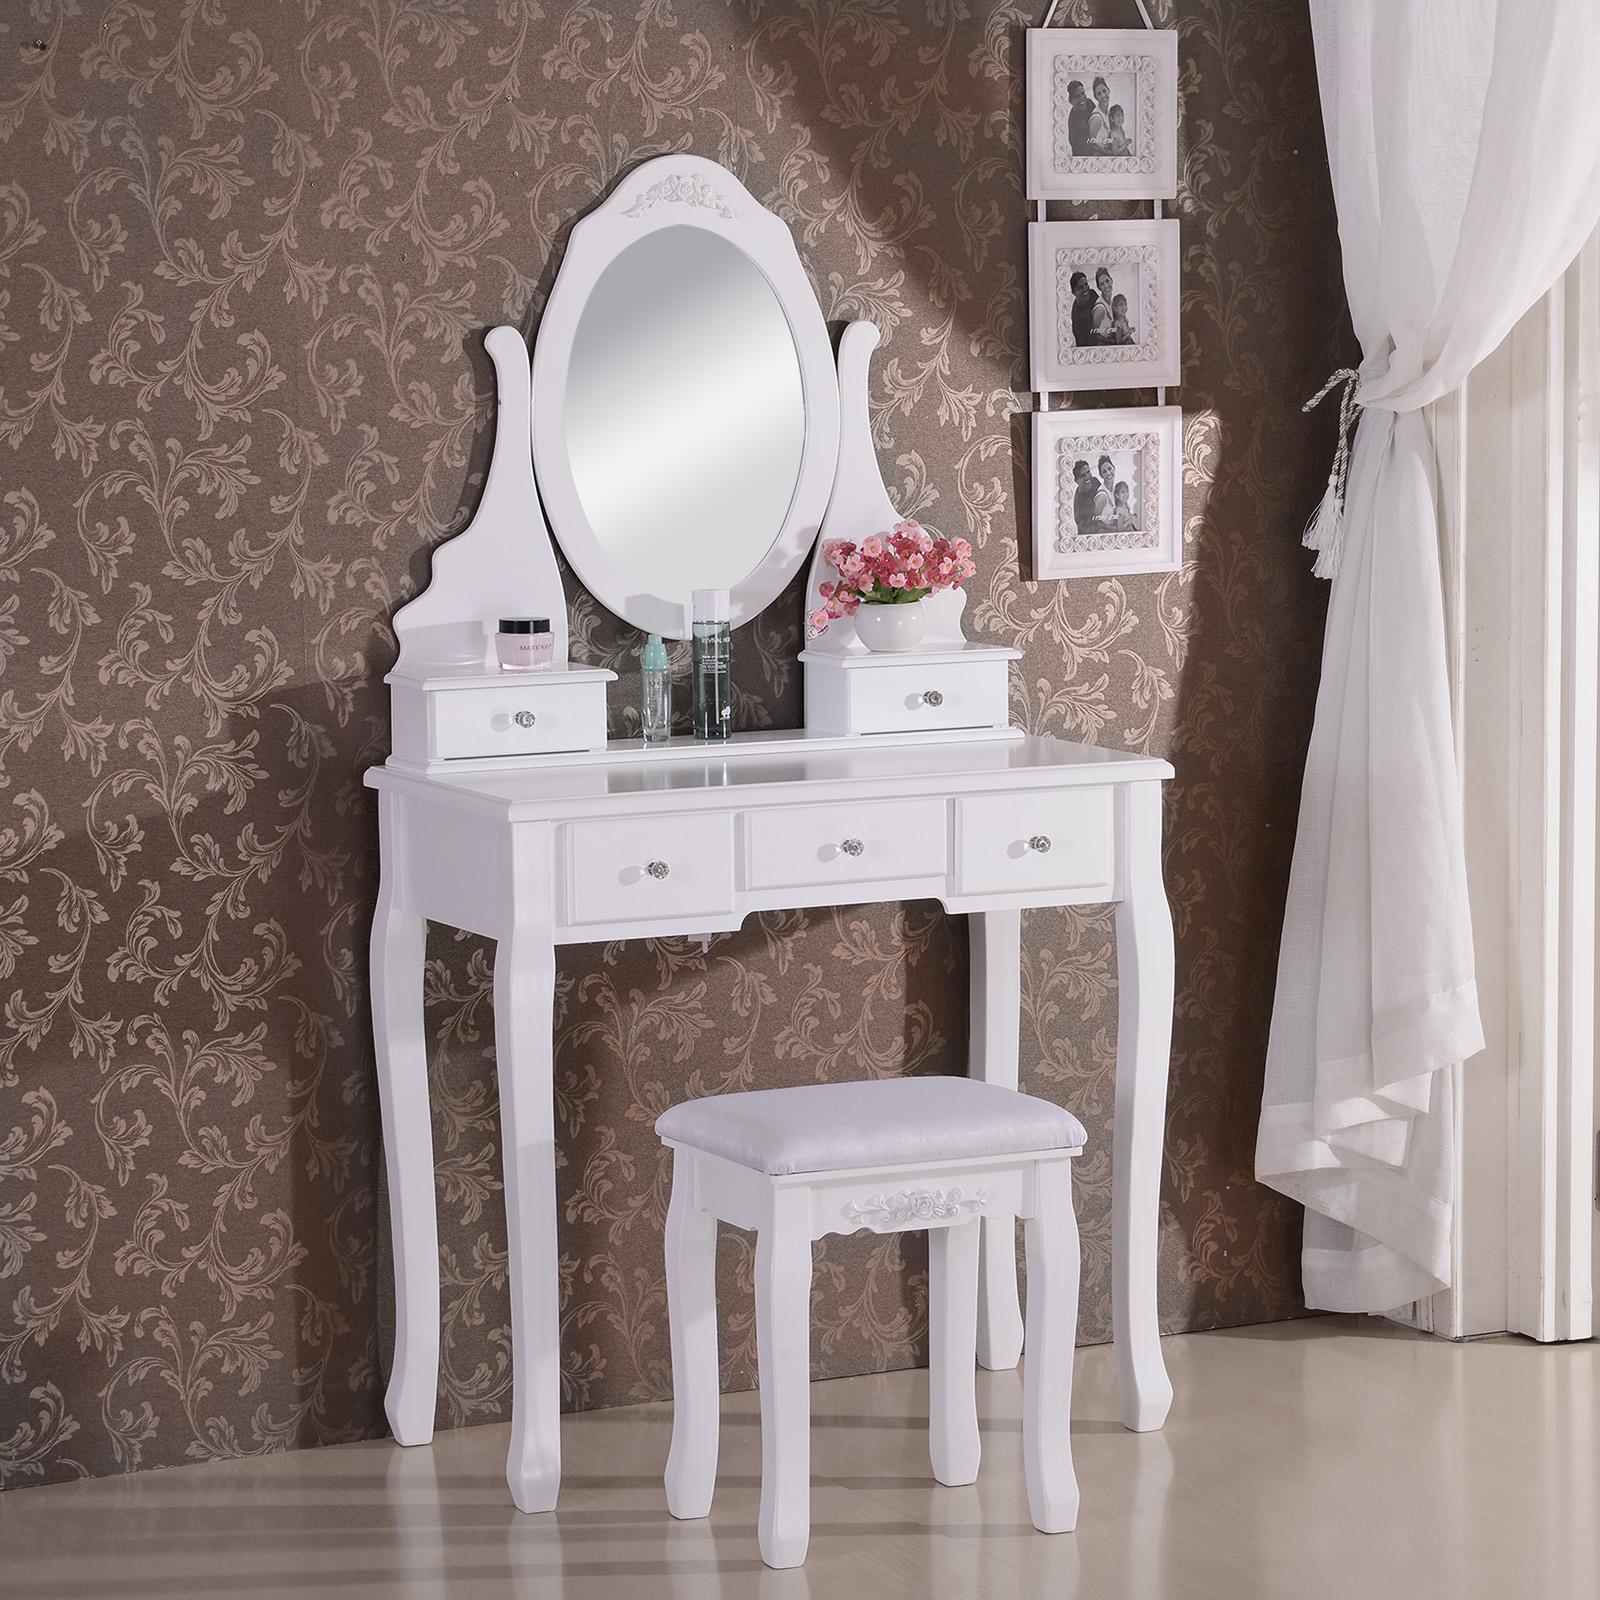 schminktisch kosmetiktisch frisiertisch mit spiegel hocker tisch weiss mb6022cm ebay. Black Bedroom Furniture Sets. Home Design Ideas